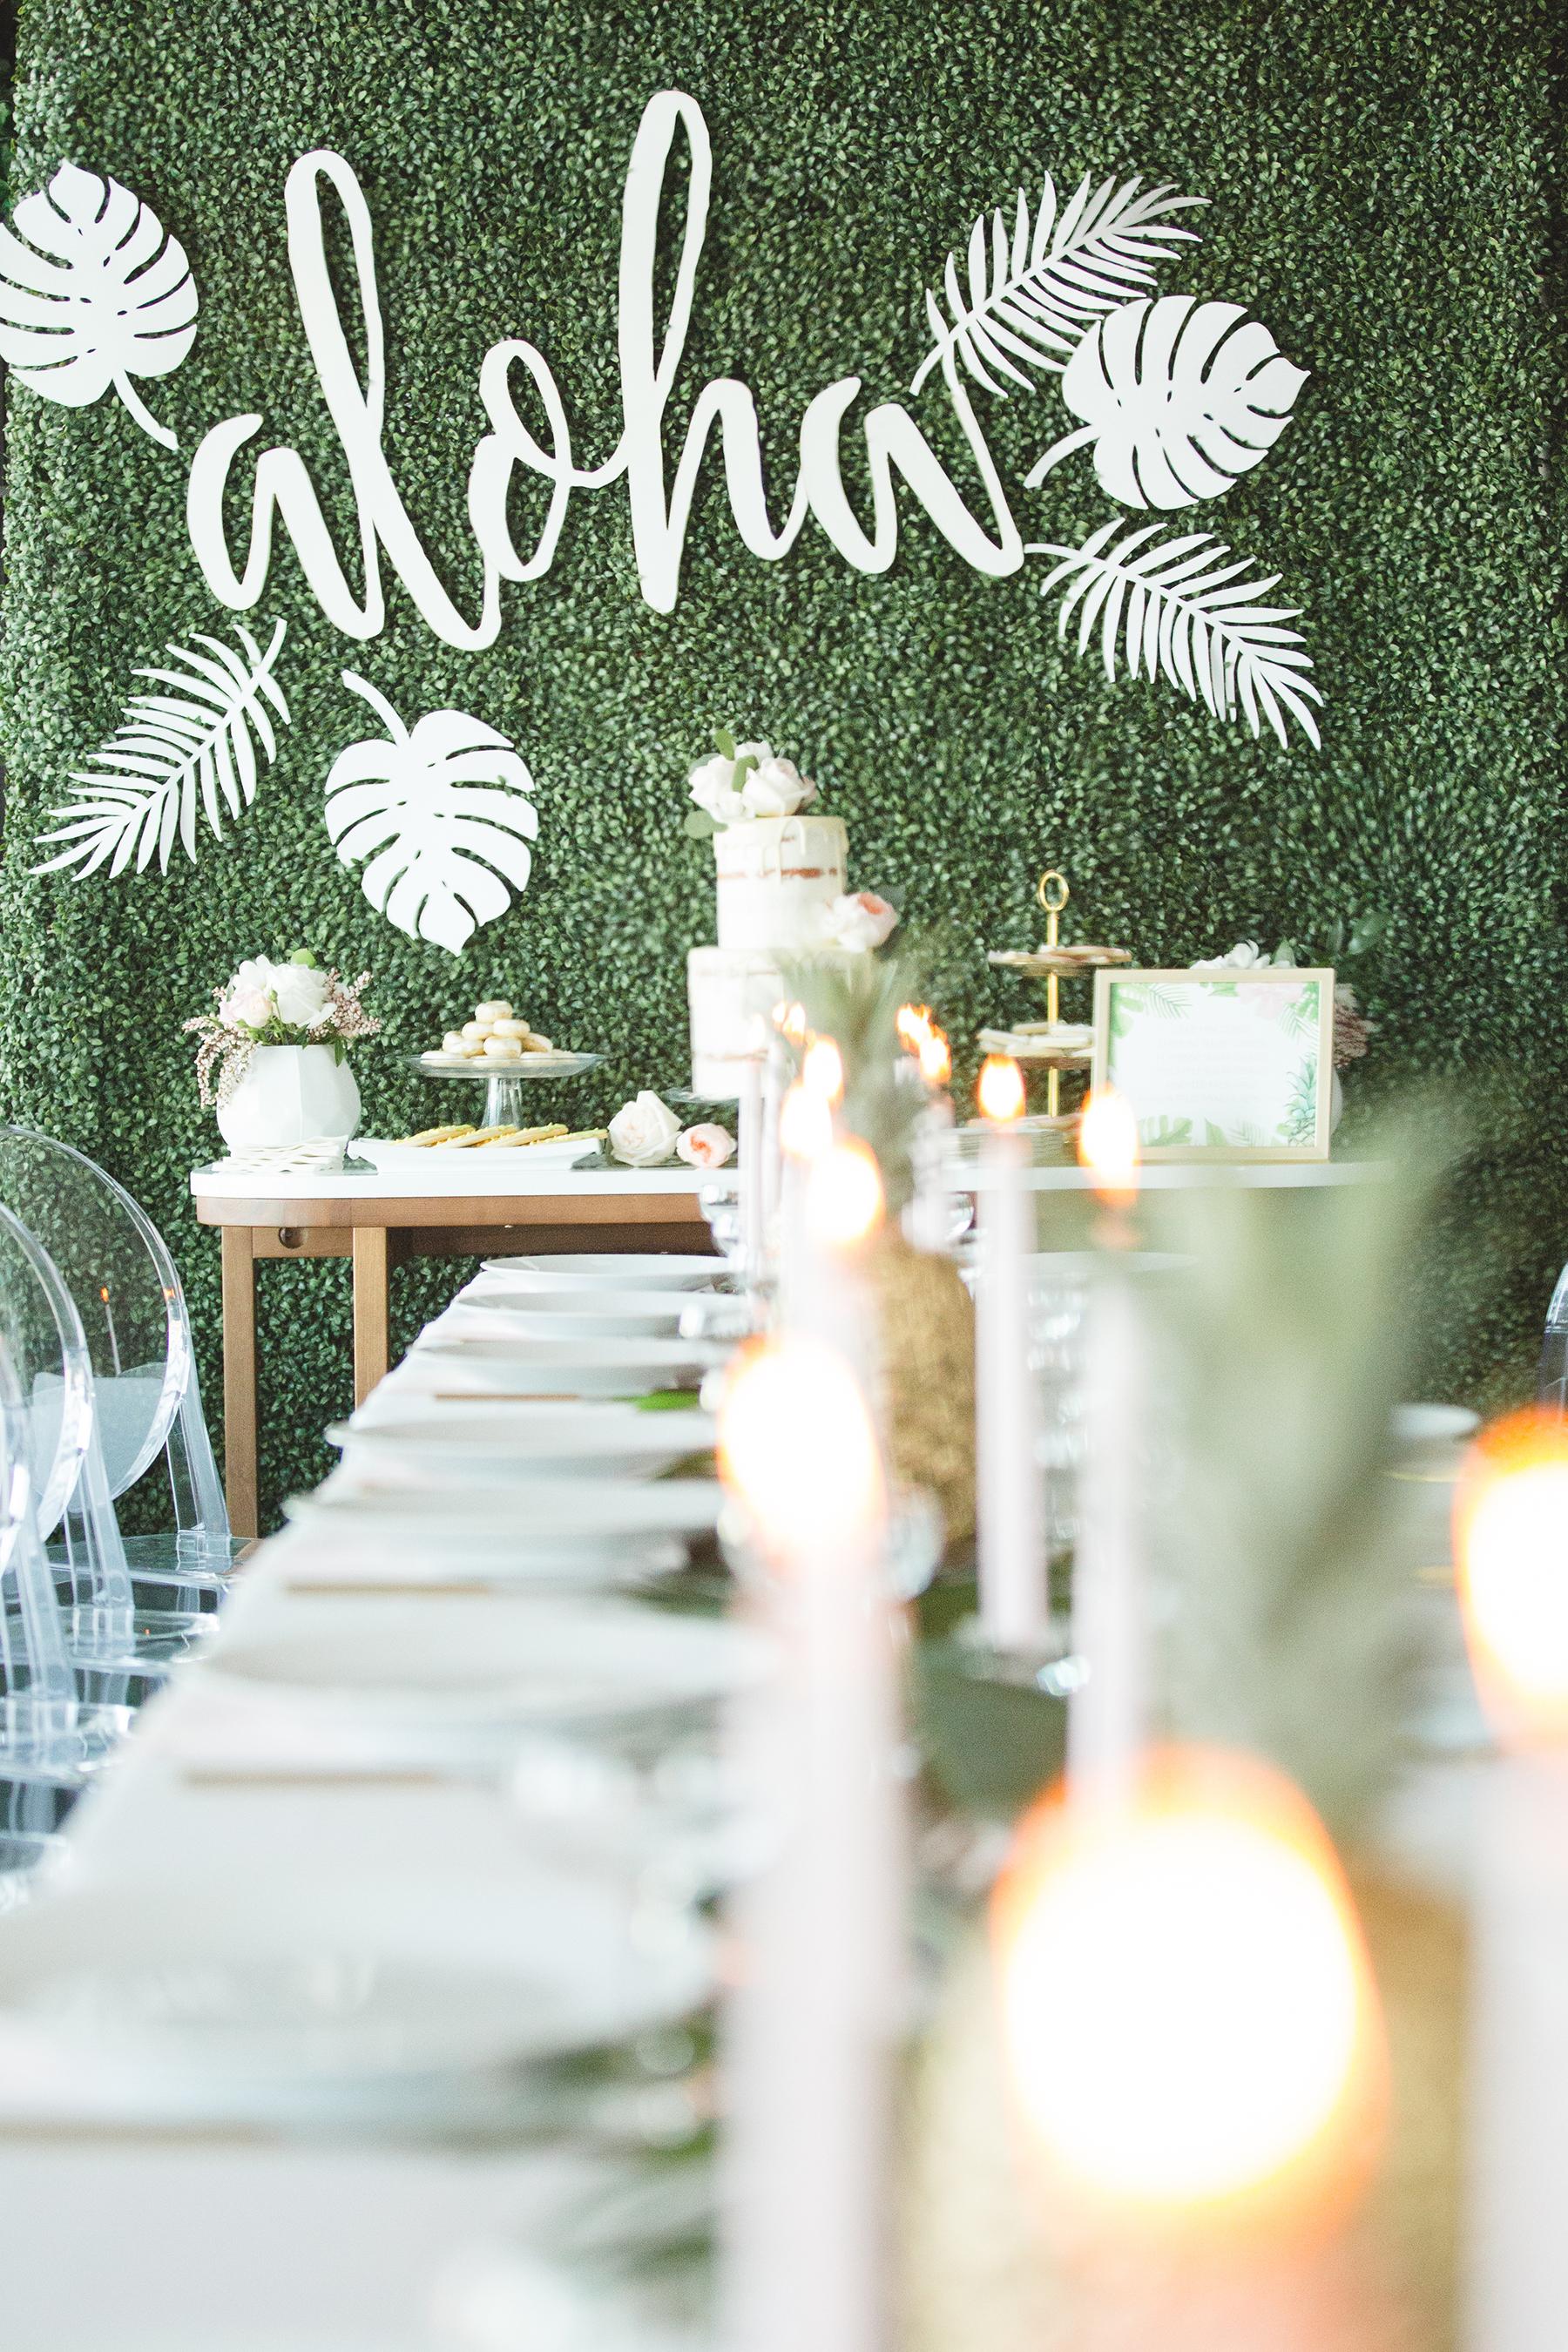 Aloha Wedding Backdrop